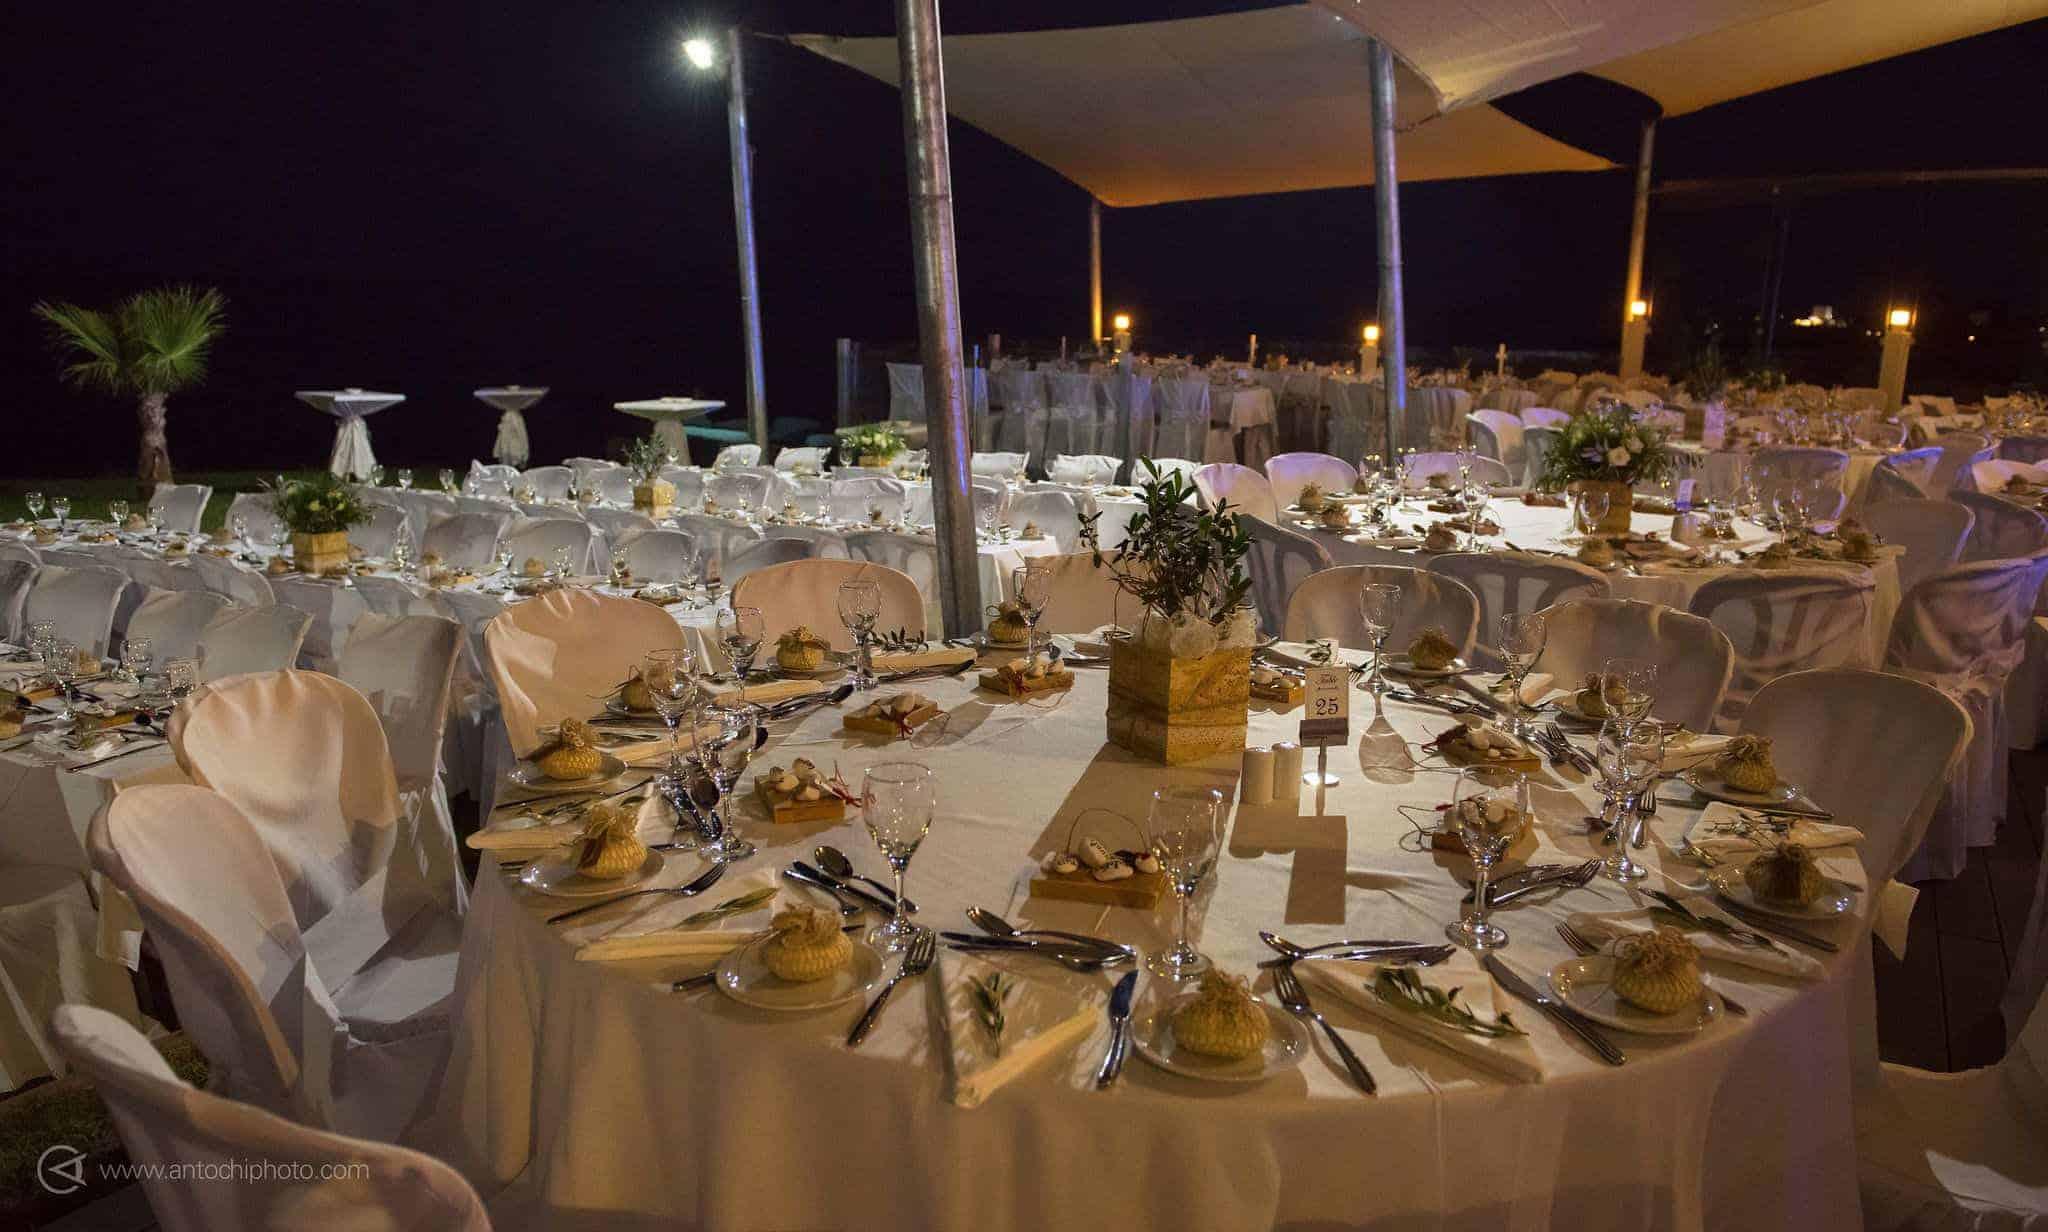 πραγματικός γάμος στη Κύπρο διακόμηση γαμήλιου δείπνου με ελιά